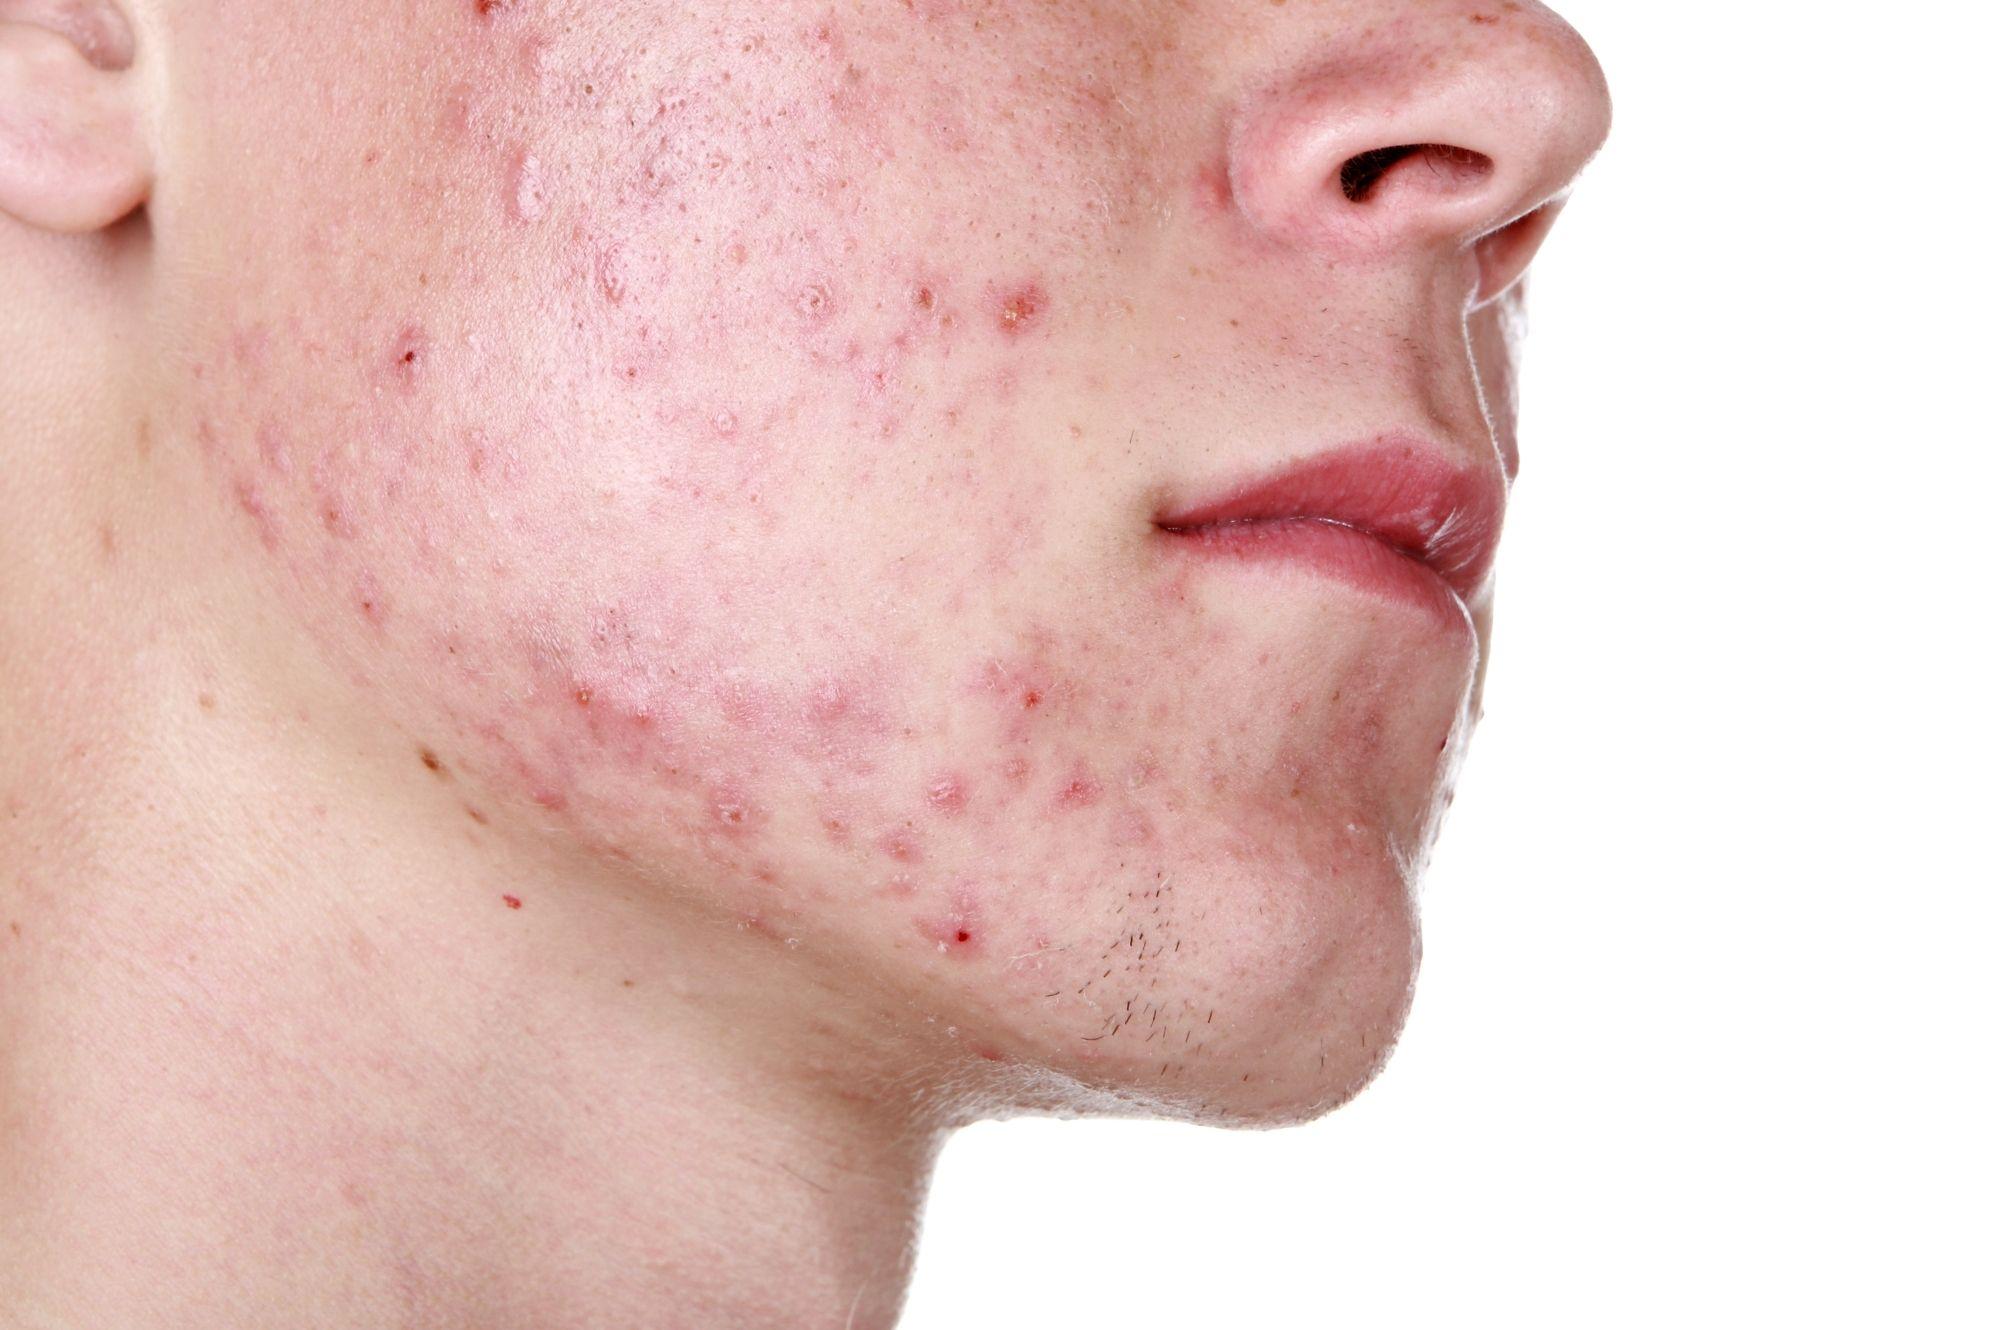 El acné es la pesadilla de todo adolescente